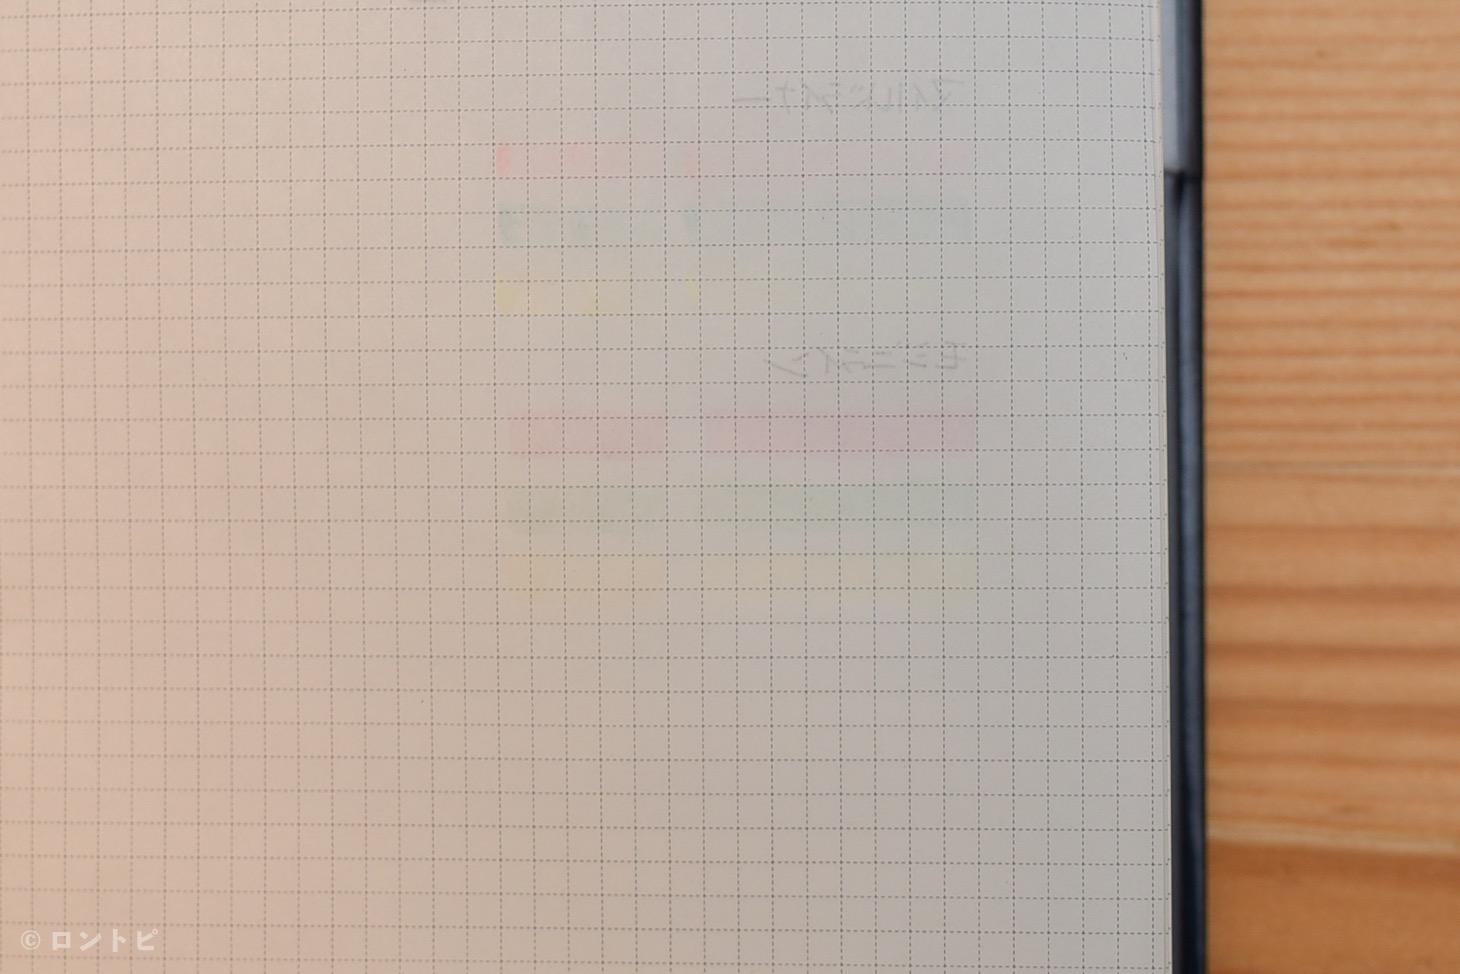 ジブン手帳 Biz 蛍光マーカー